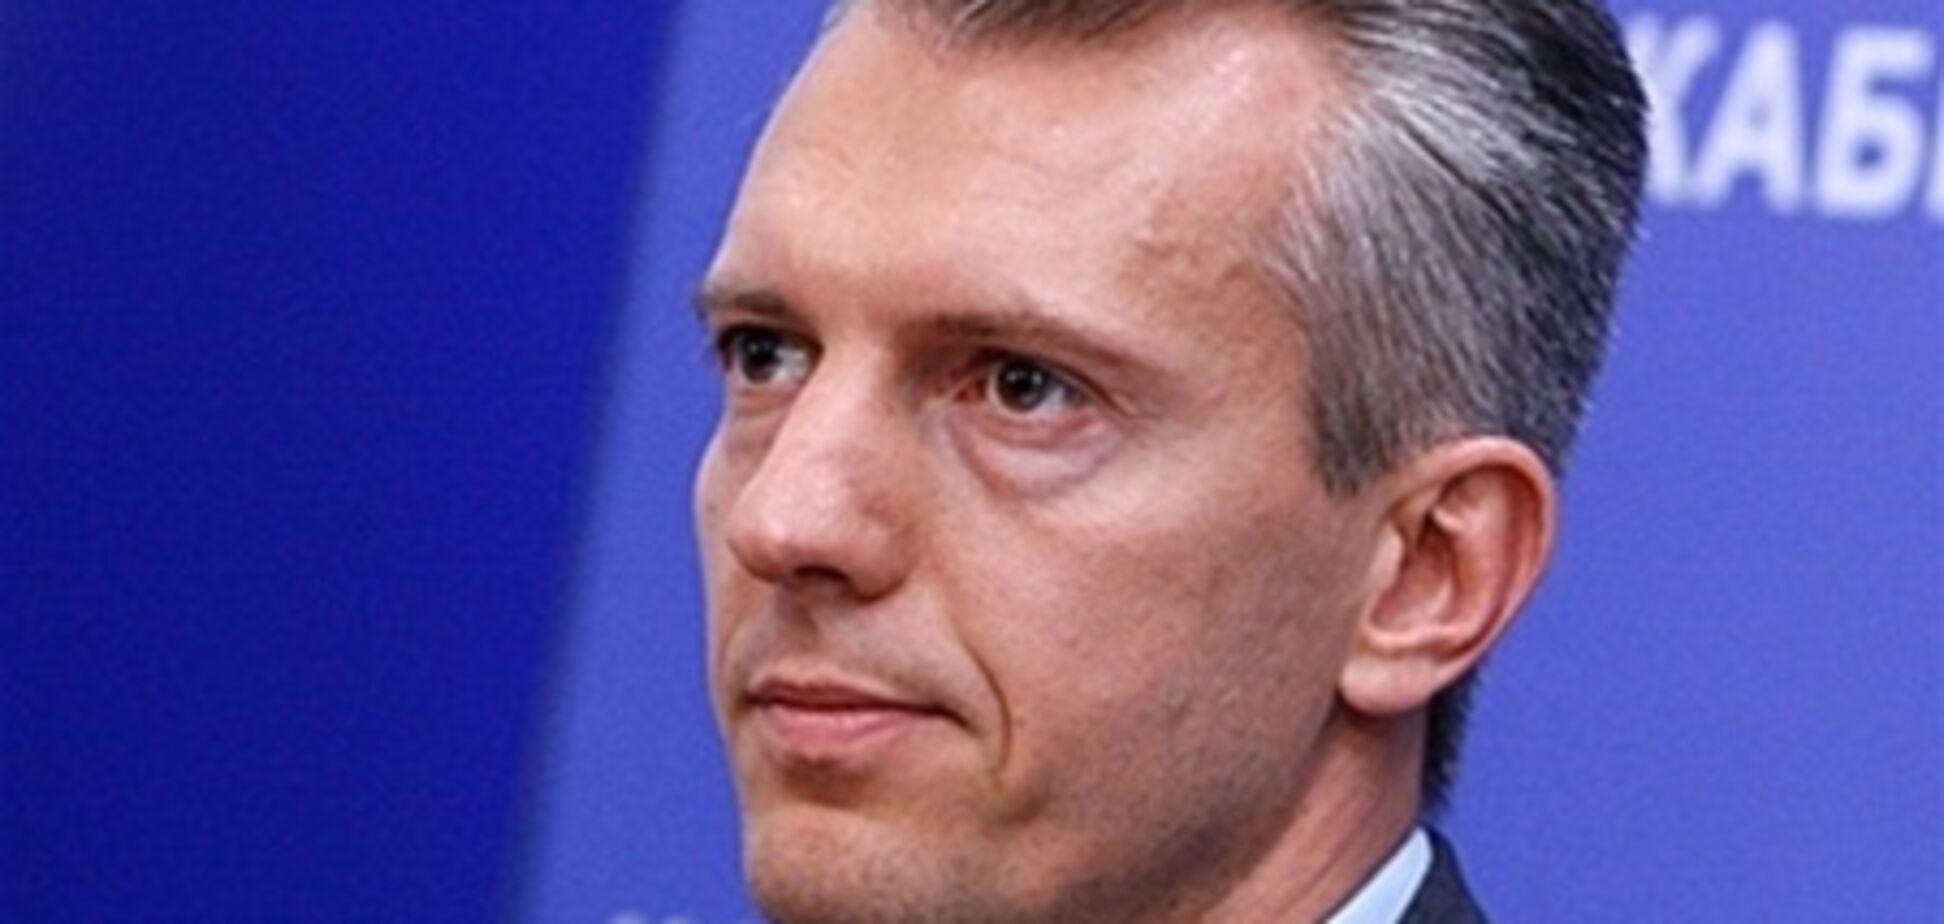 Хорошковський залишив Україну - ЗМІ